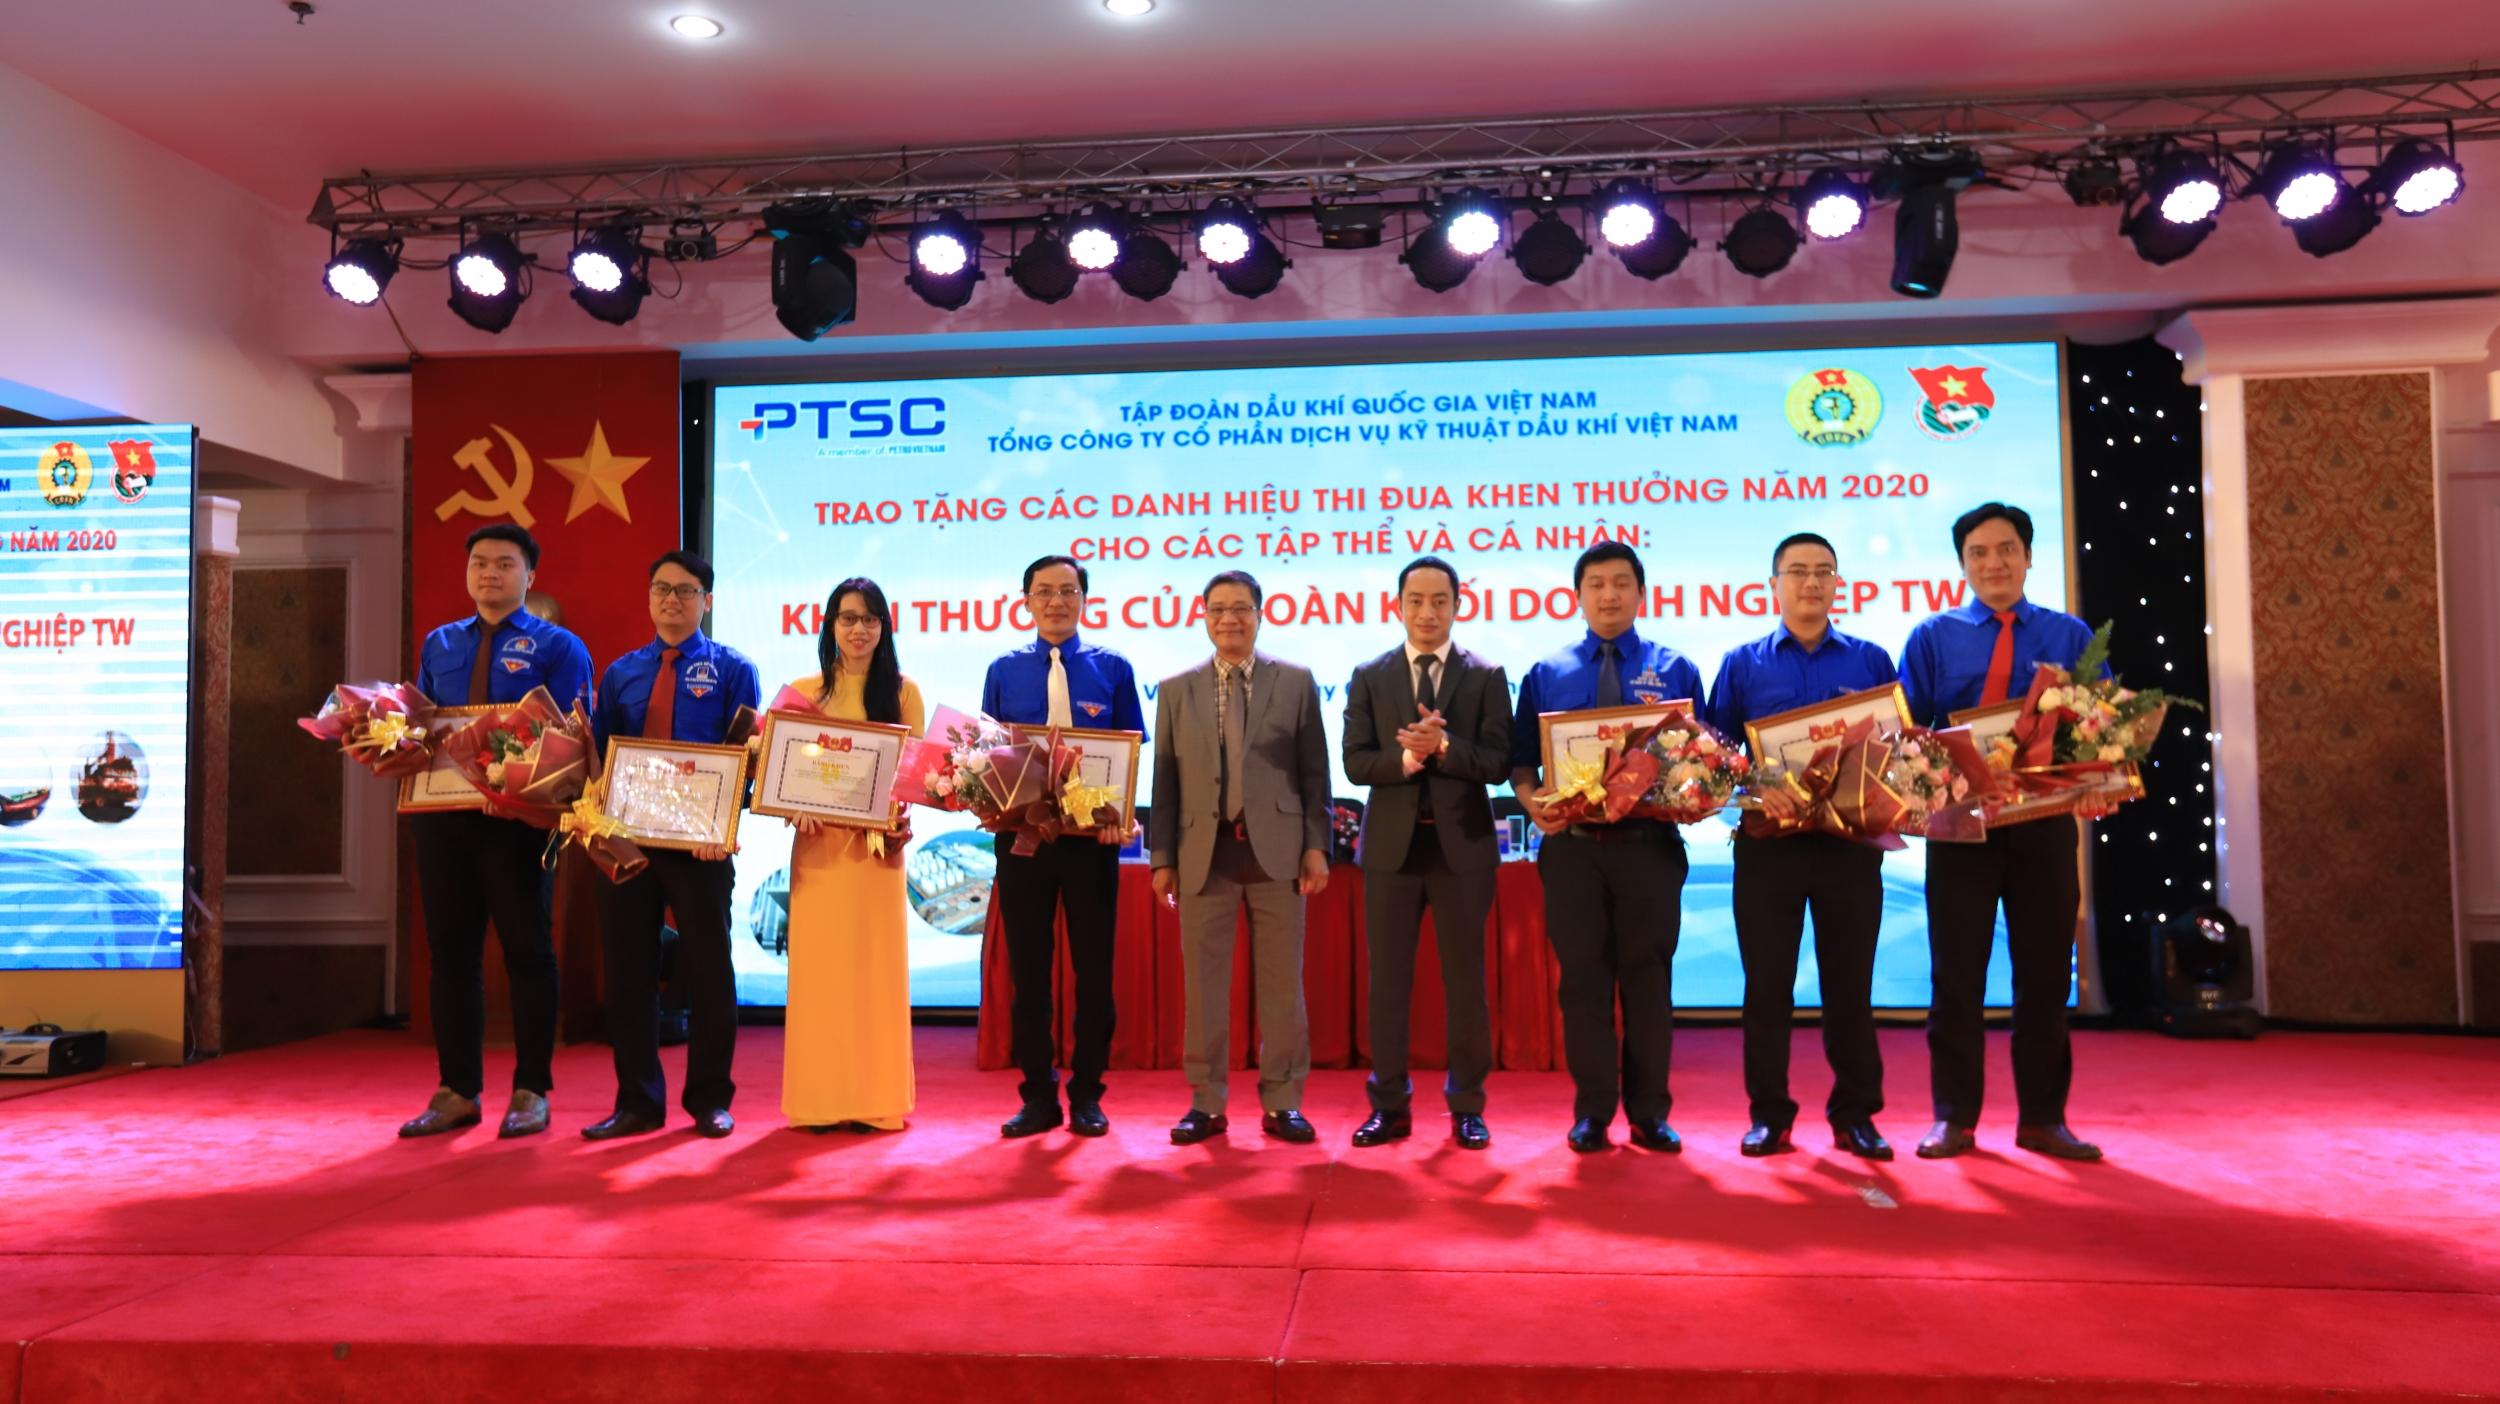 Năm 2020: Trong thành công của Petrovietnam có đóng góp vô cùng to lớn của PTSC